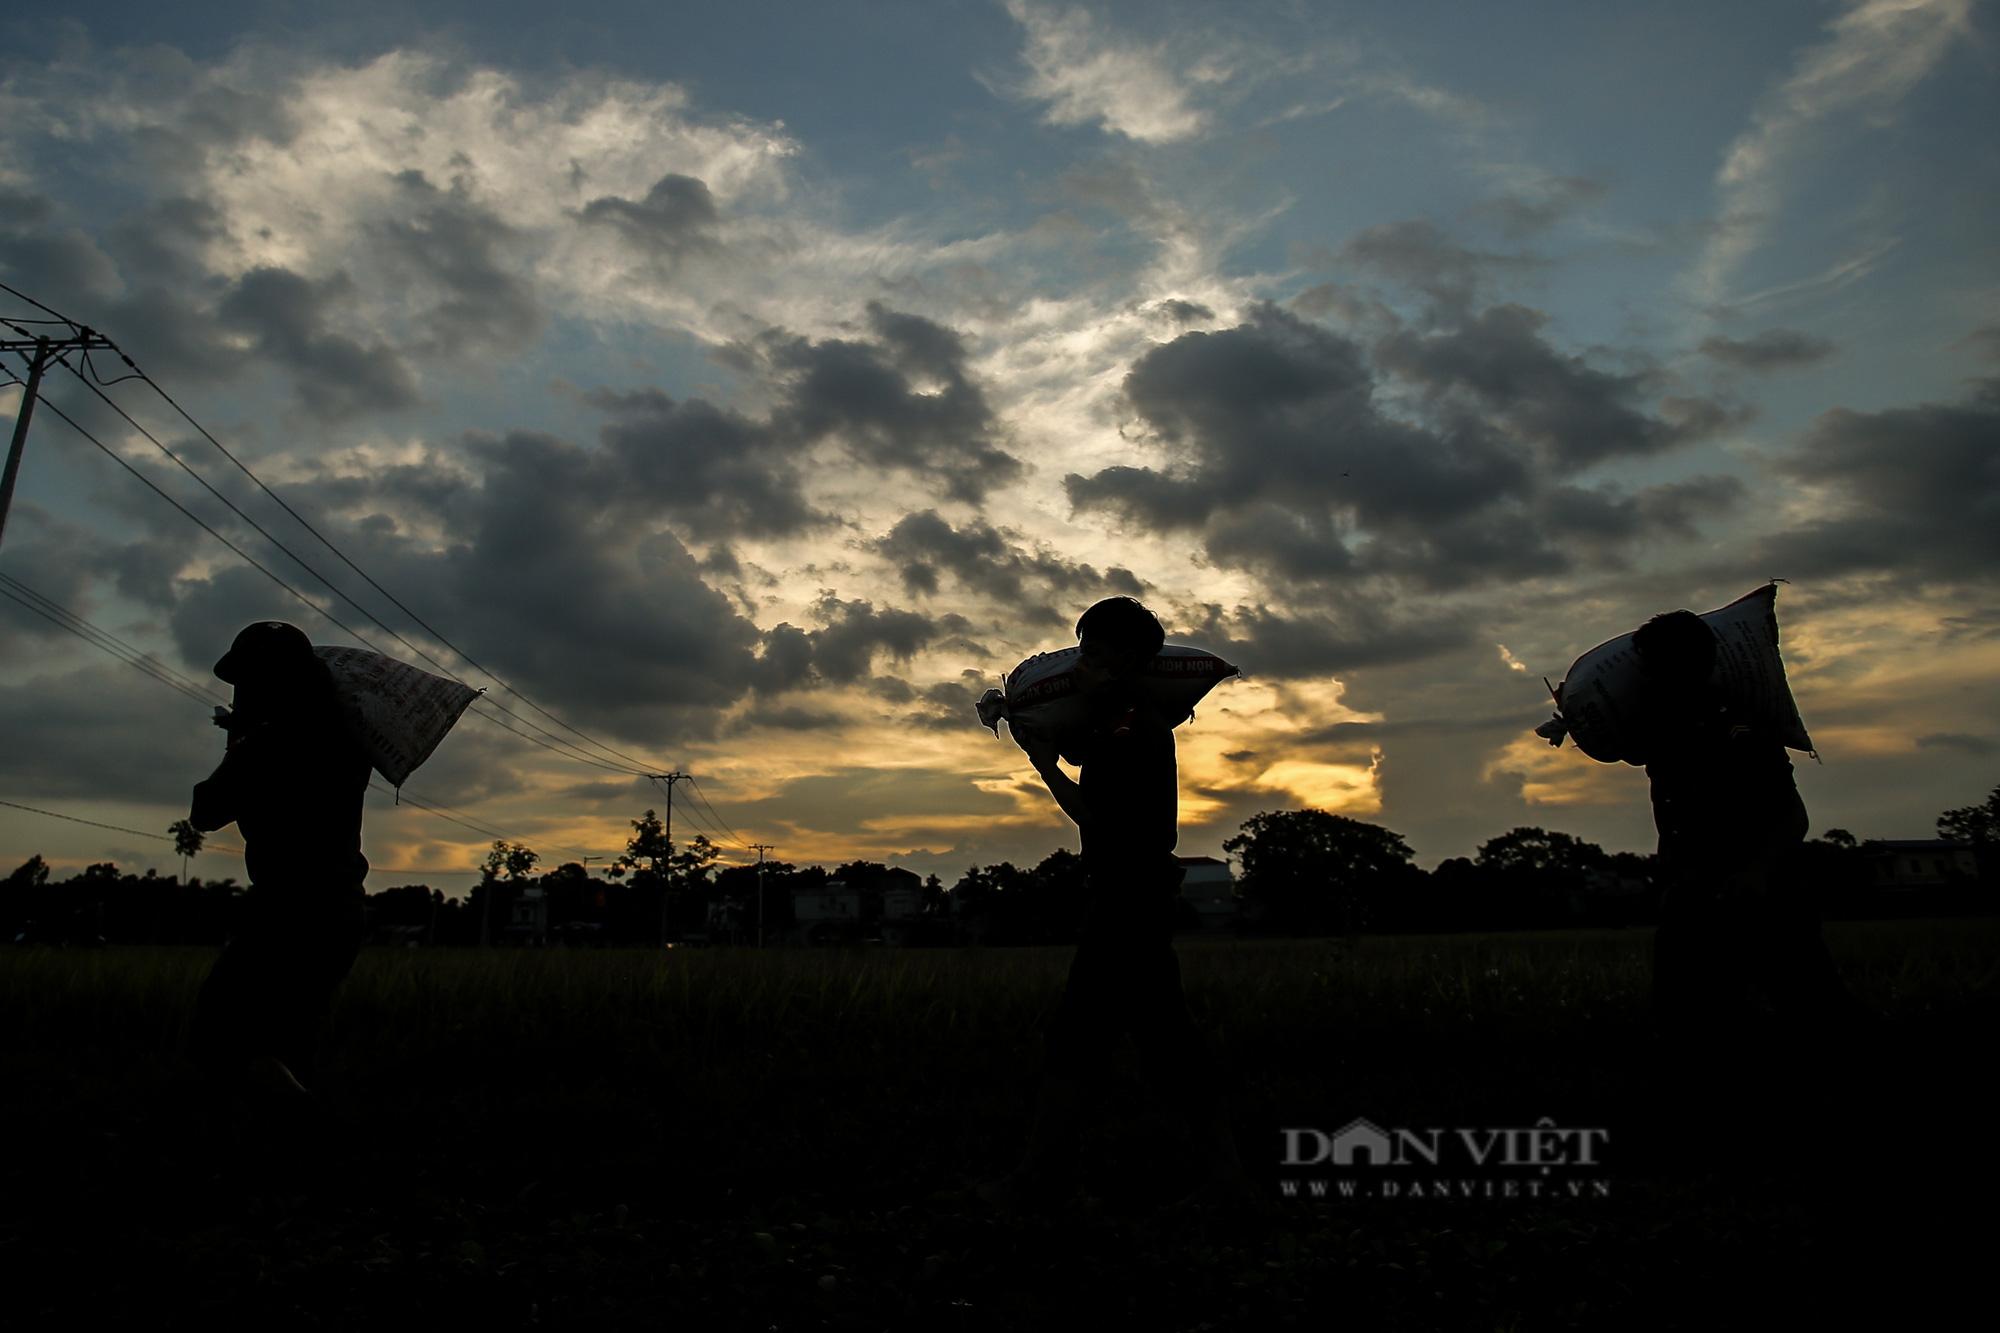 Hình ảnh chiến sĩ công an lội ruộng, ăn cơm vội để thu hoạch lúa giúp 141 hộ ở vùng cách ly y tế - Ảnh 8.